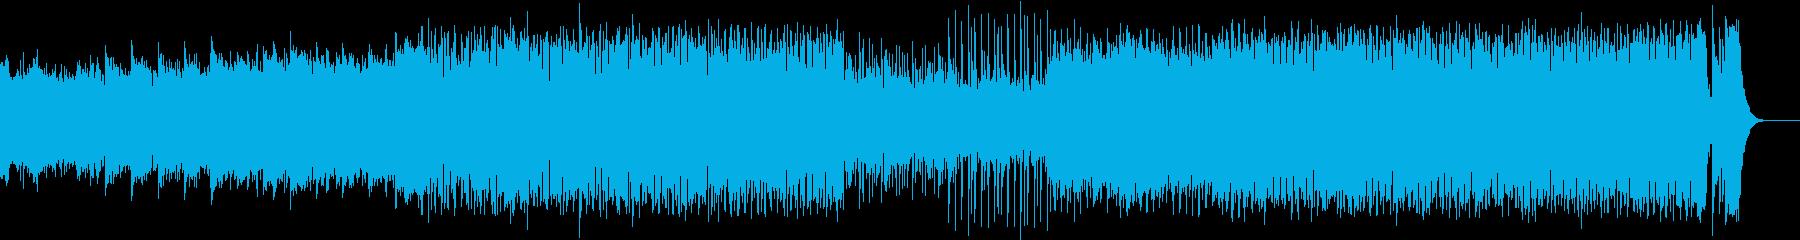 スタート直前の緊張感〜レーススタート爆走の再生済みの波形